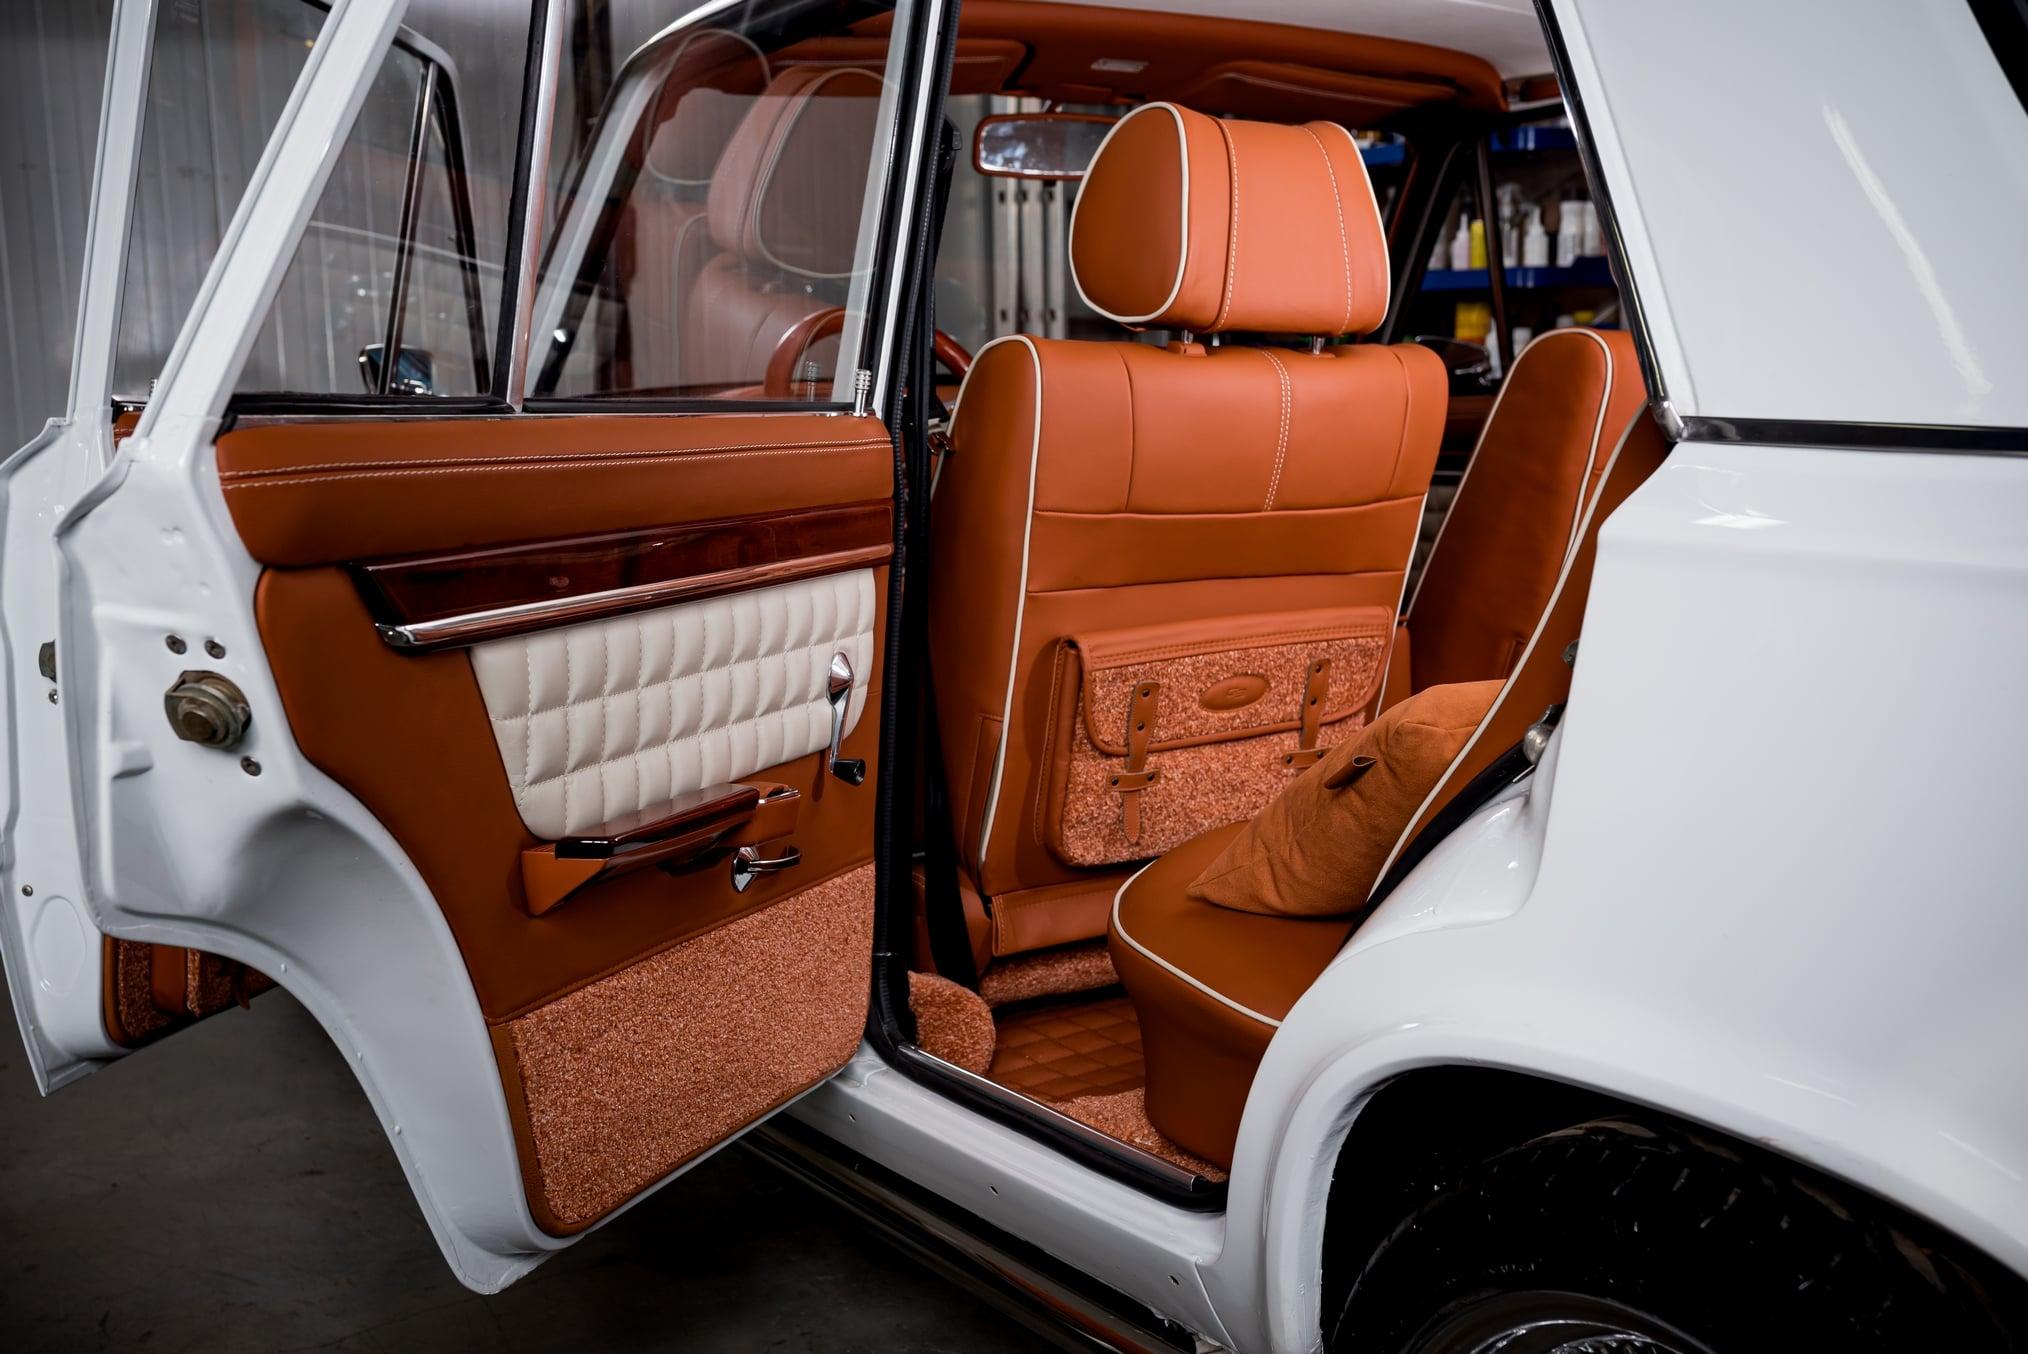 Lada-VAZ-2101-GB-Design-7